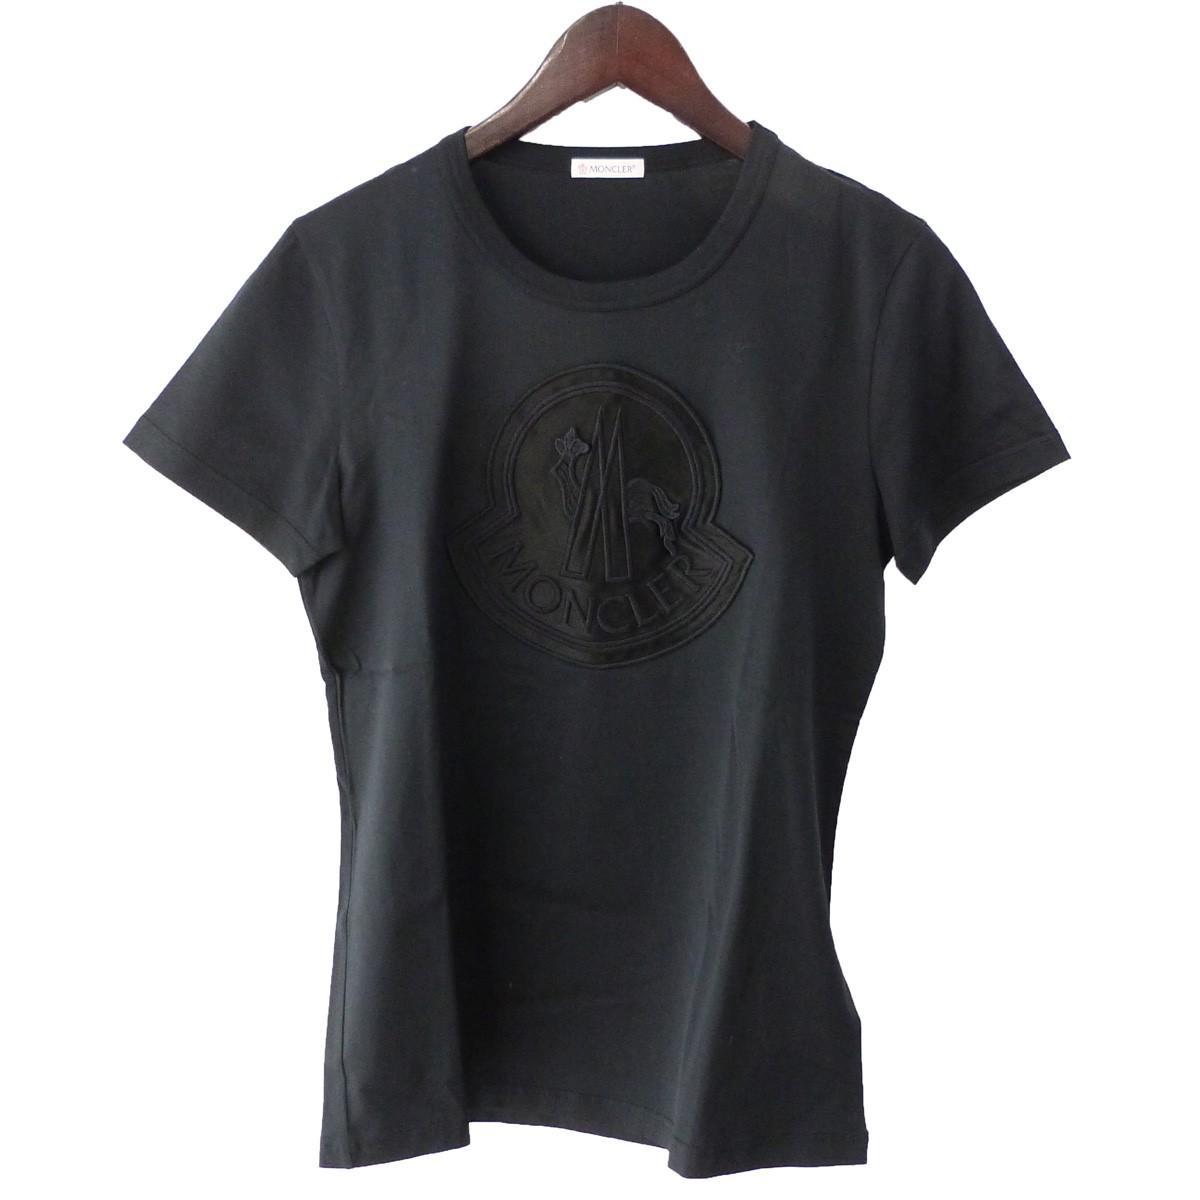 【中古】MONCLER 「T-SHIRT GIROCOLLO」 プリントTシャツ ブラック サイズ:M 【210320】(モンクレール)